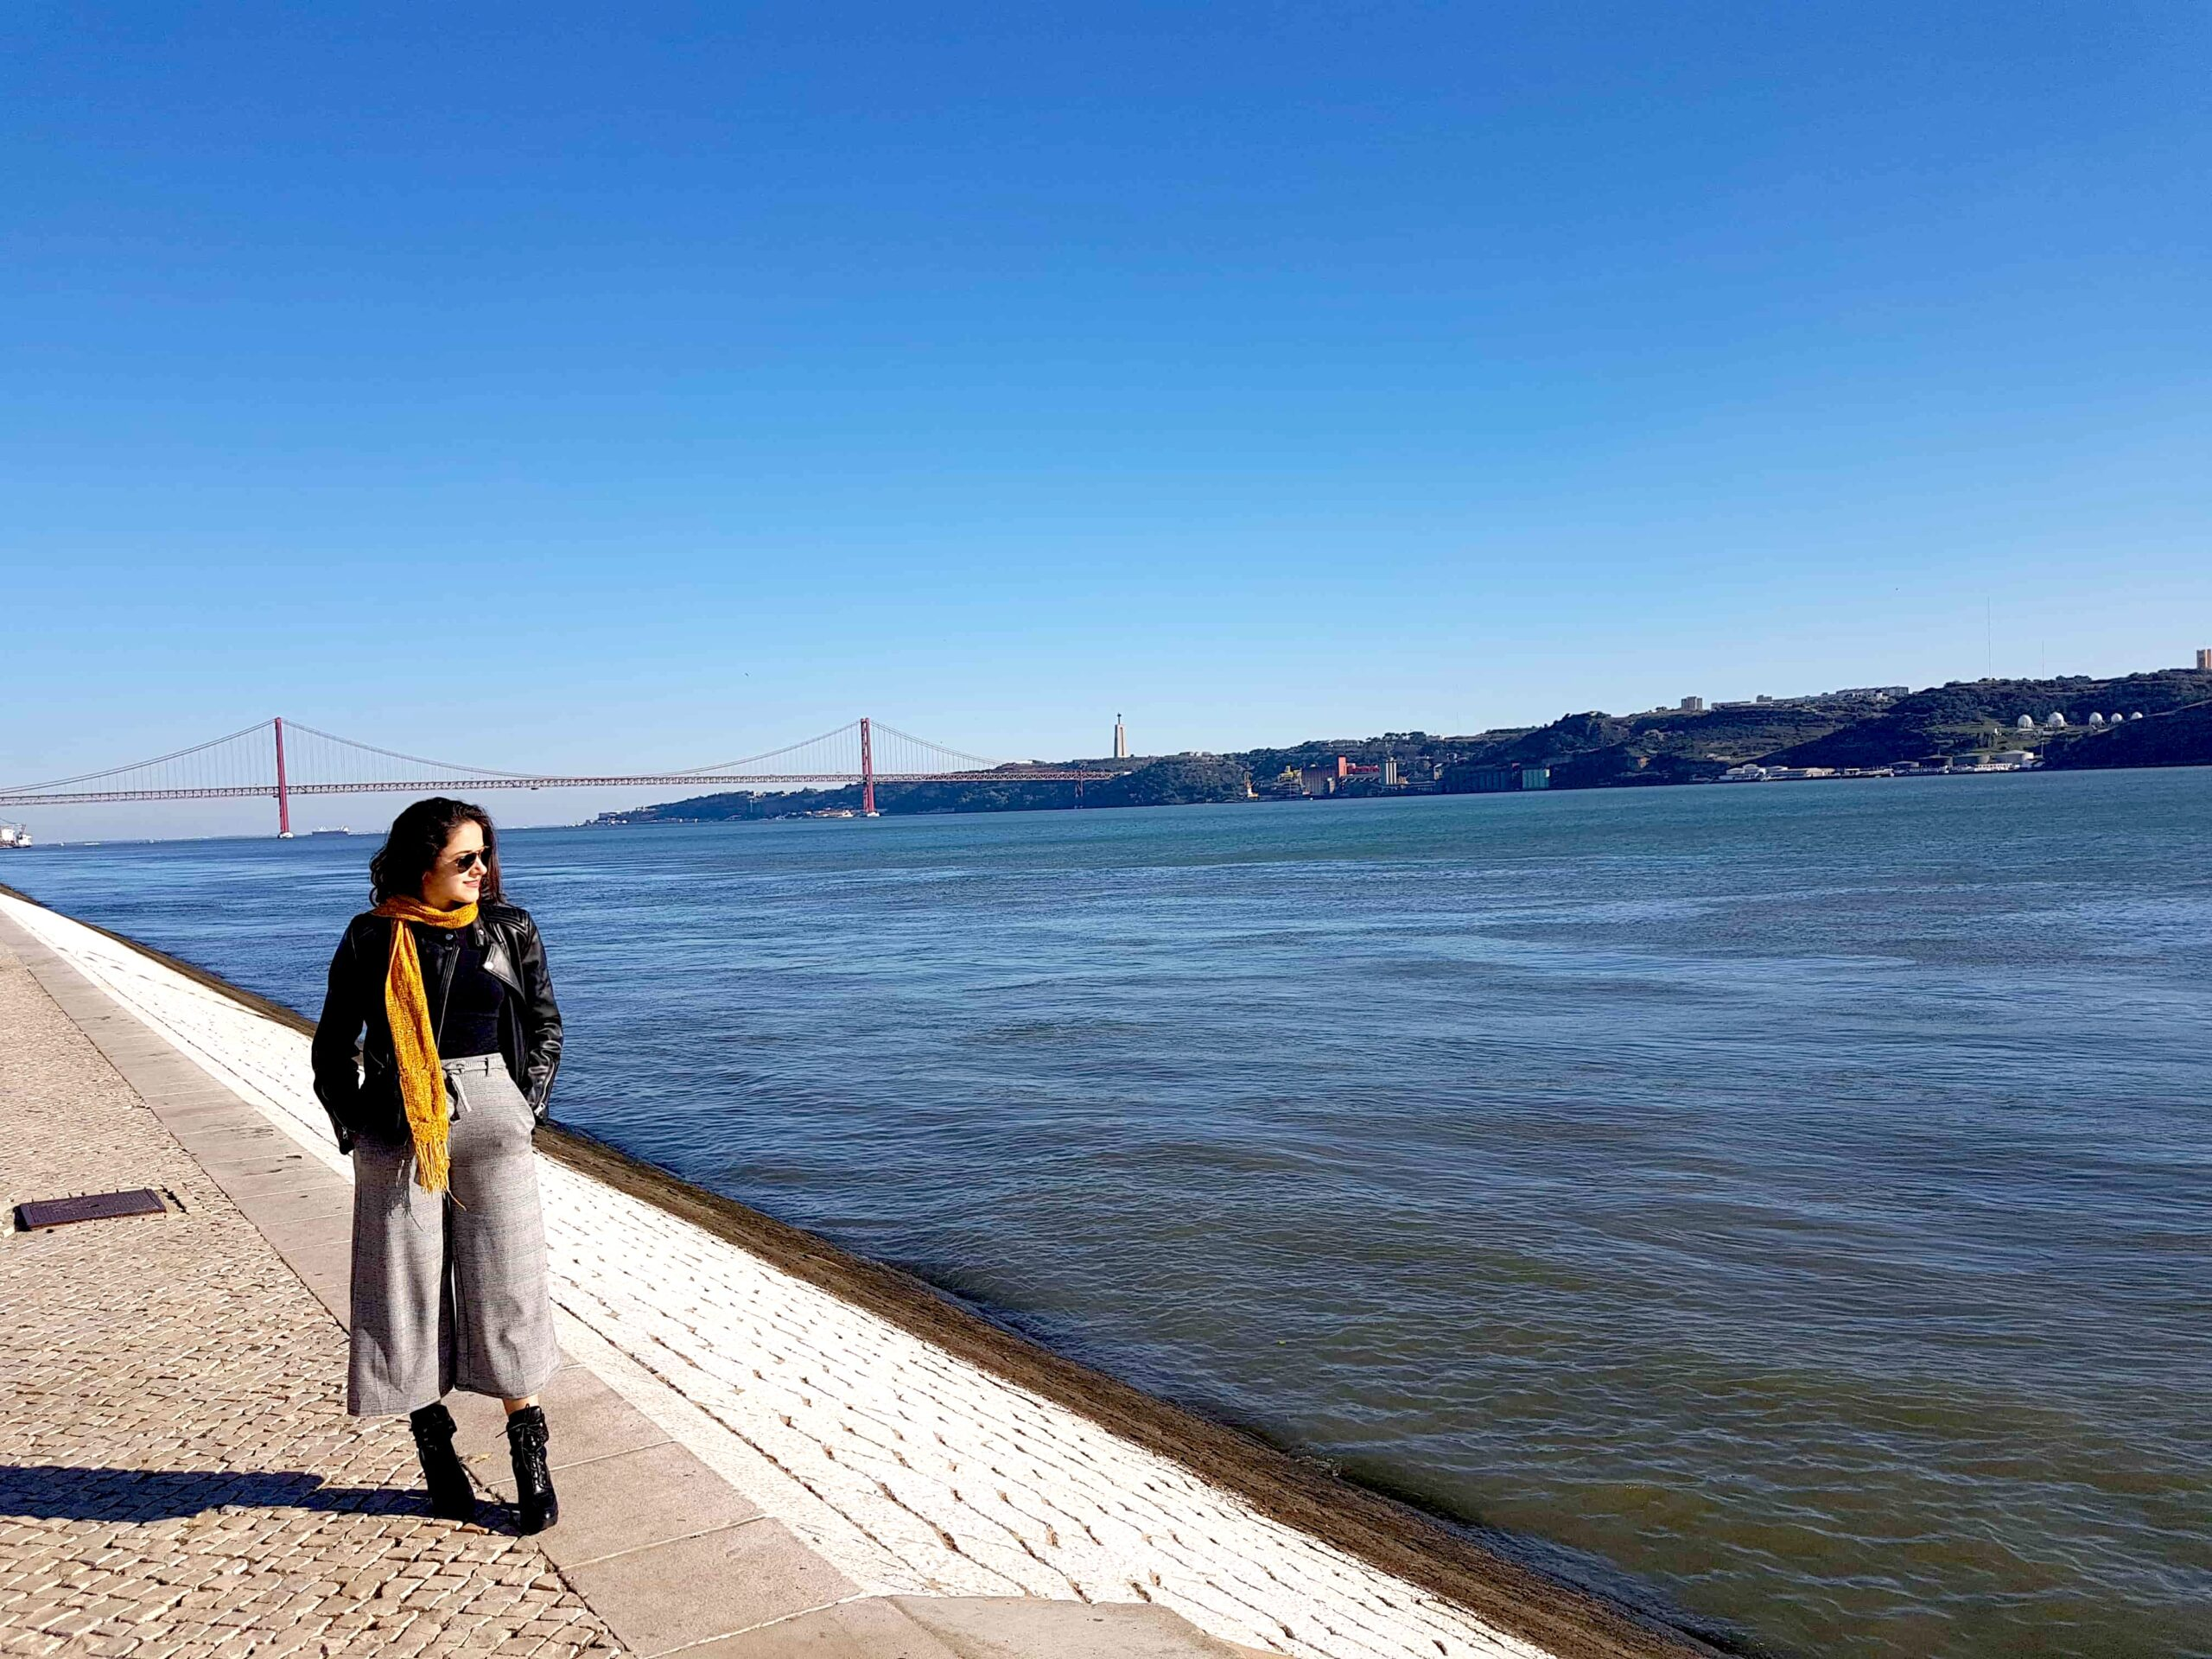 Mulher na beira do Rio Tejo, Lisboa, Portugal